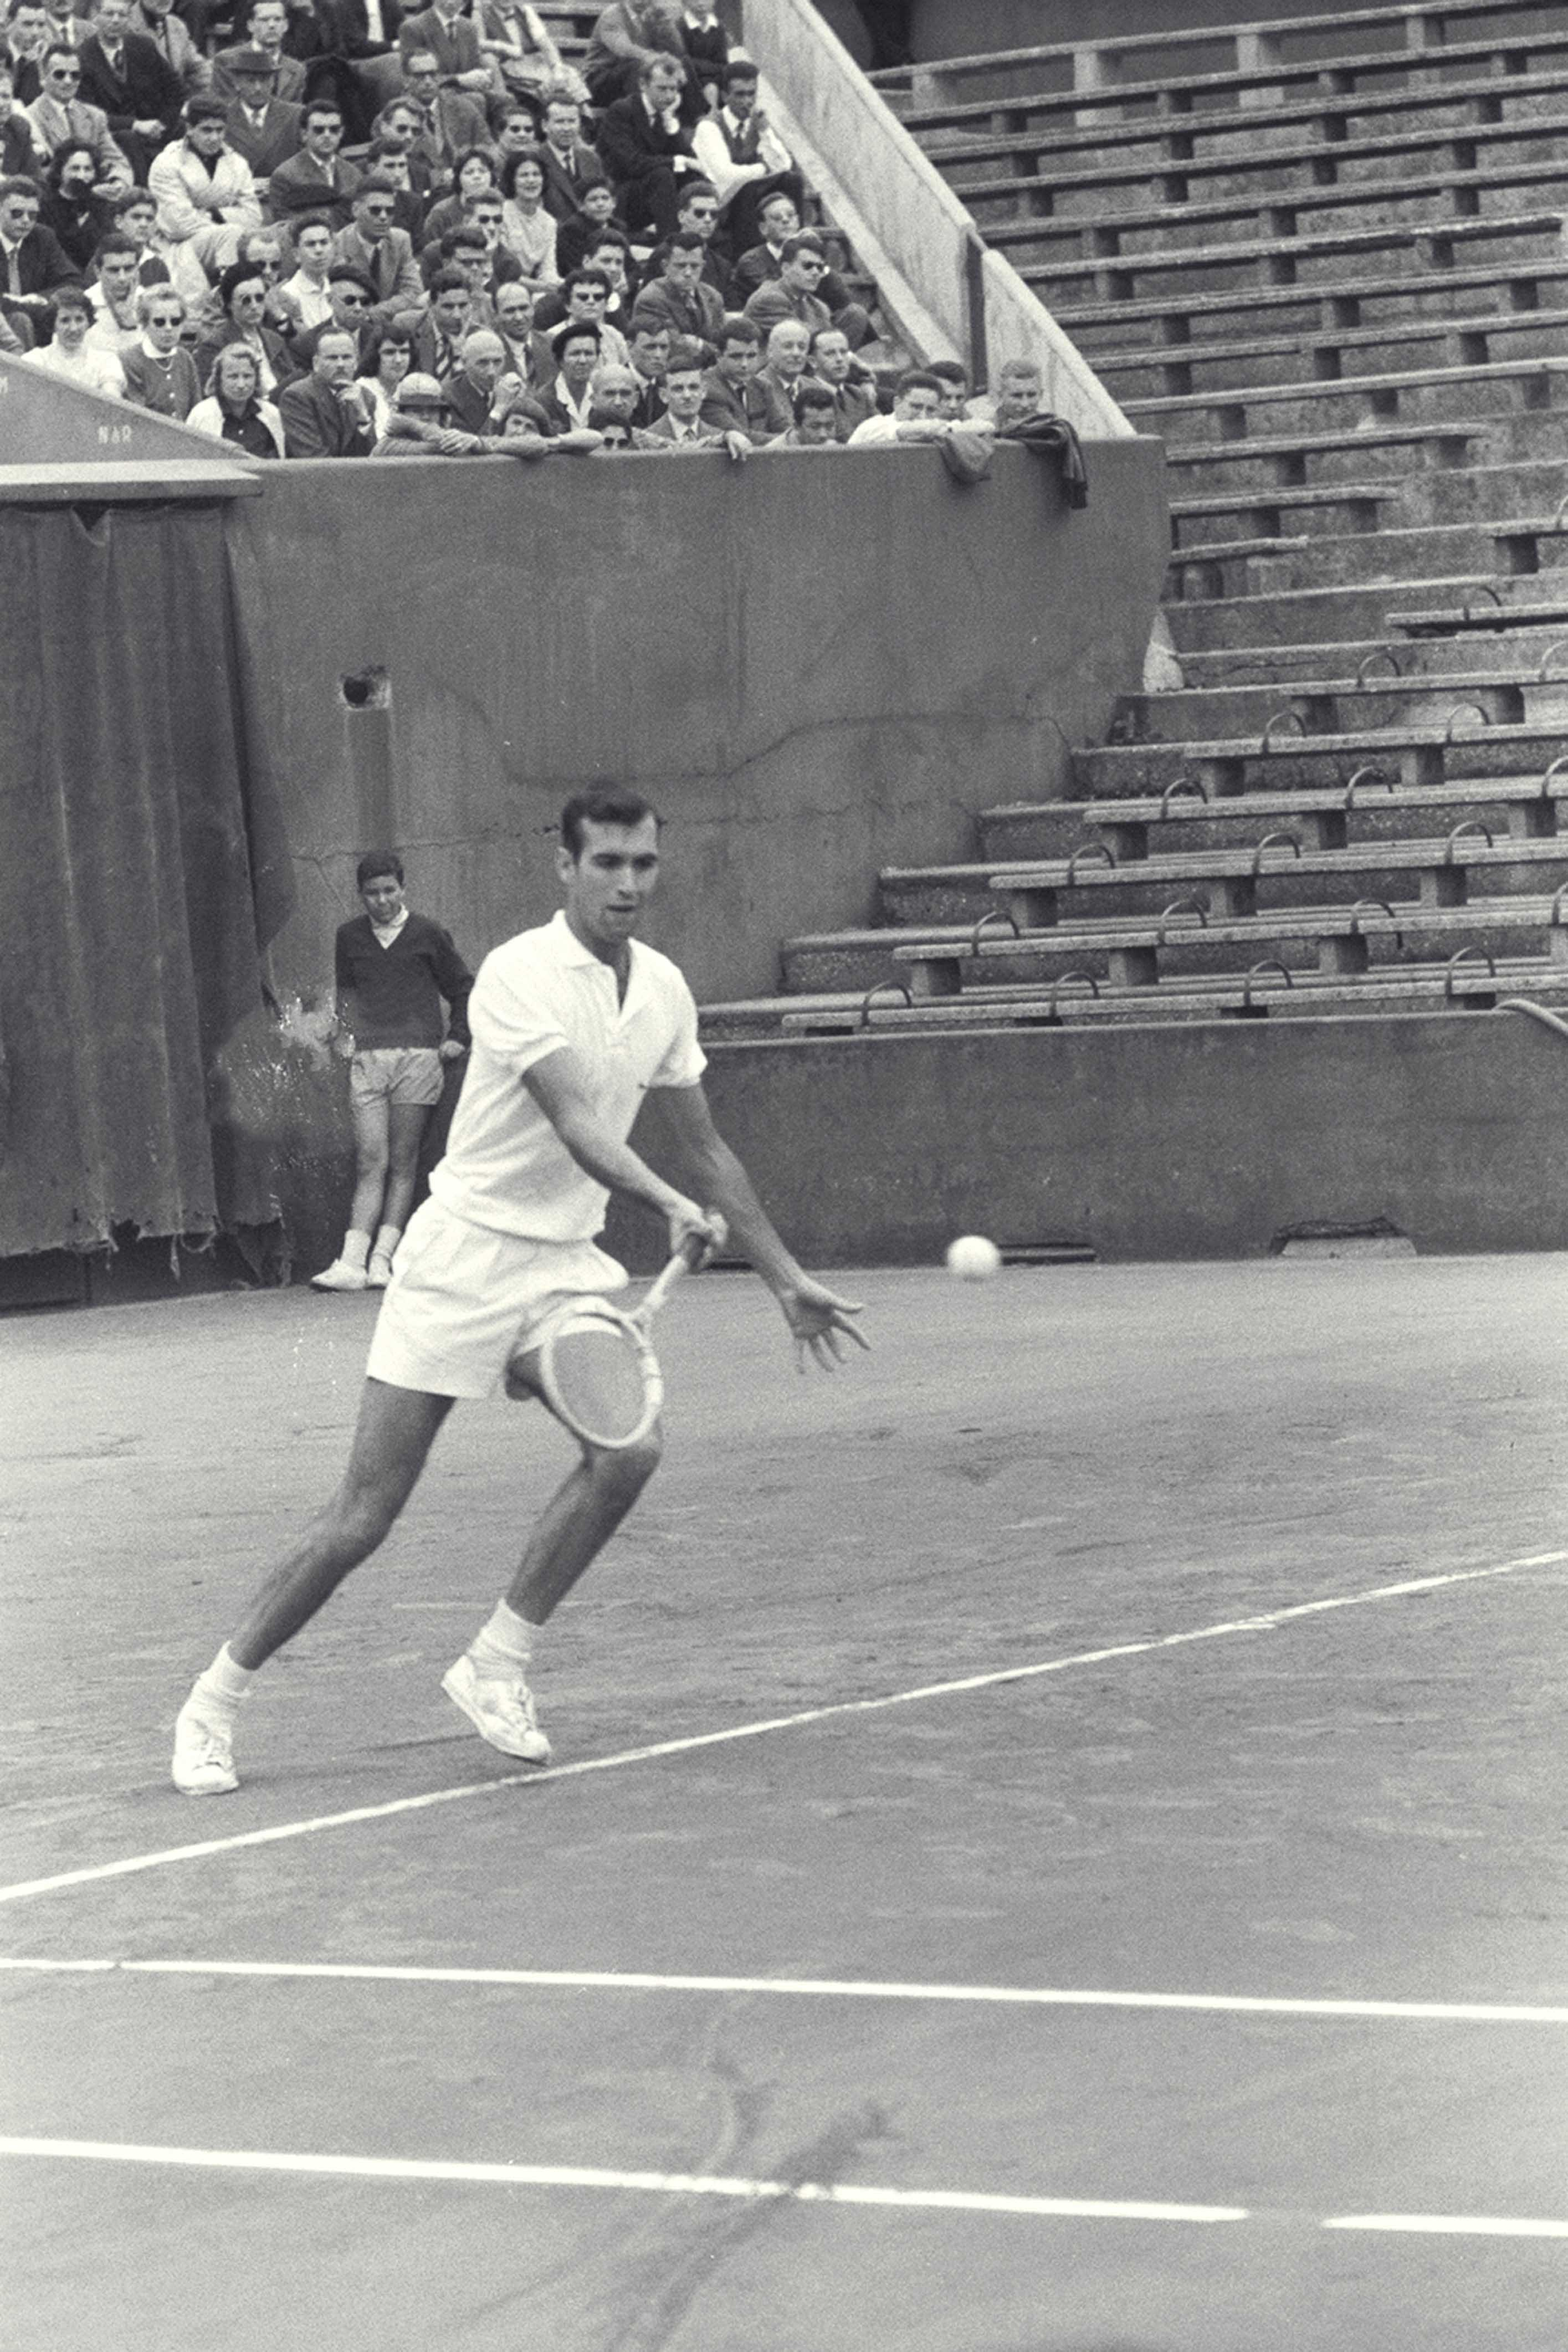 Andres Gimeno